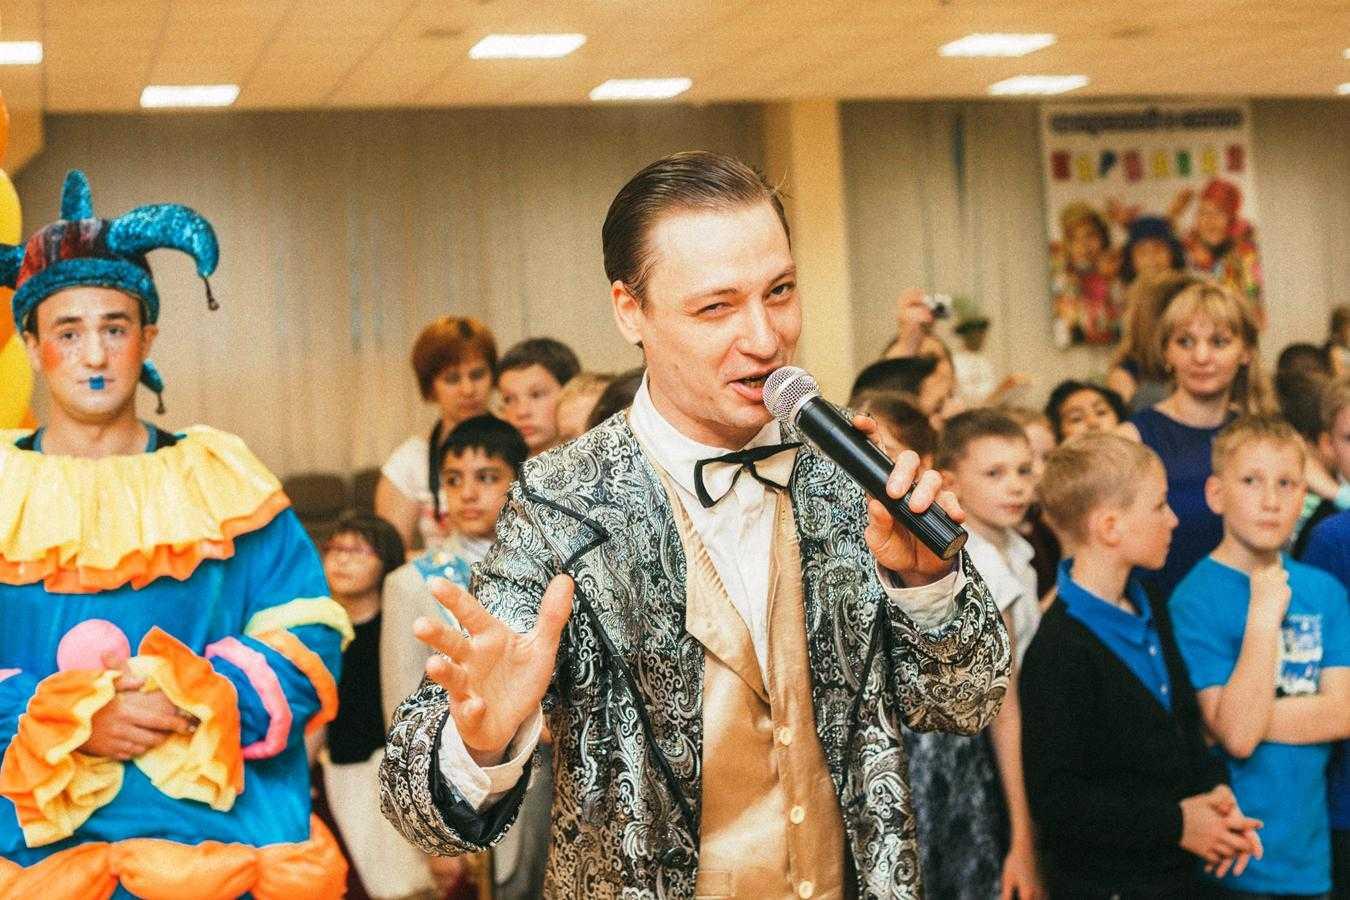 Шоколадно-Карамельный выпускной в ГК Космос 202 Москва